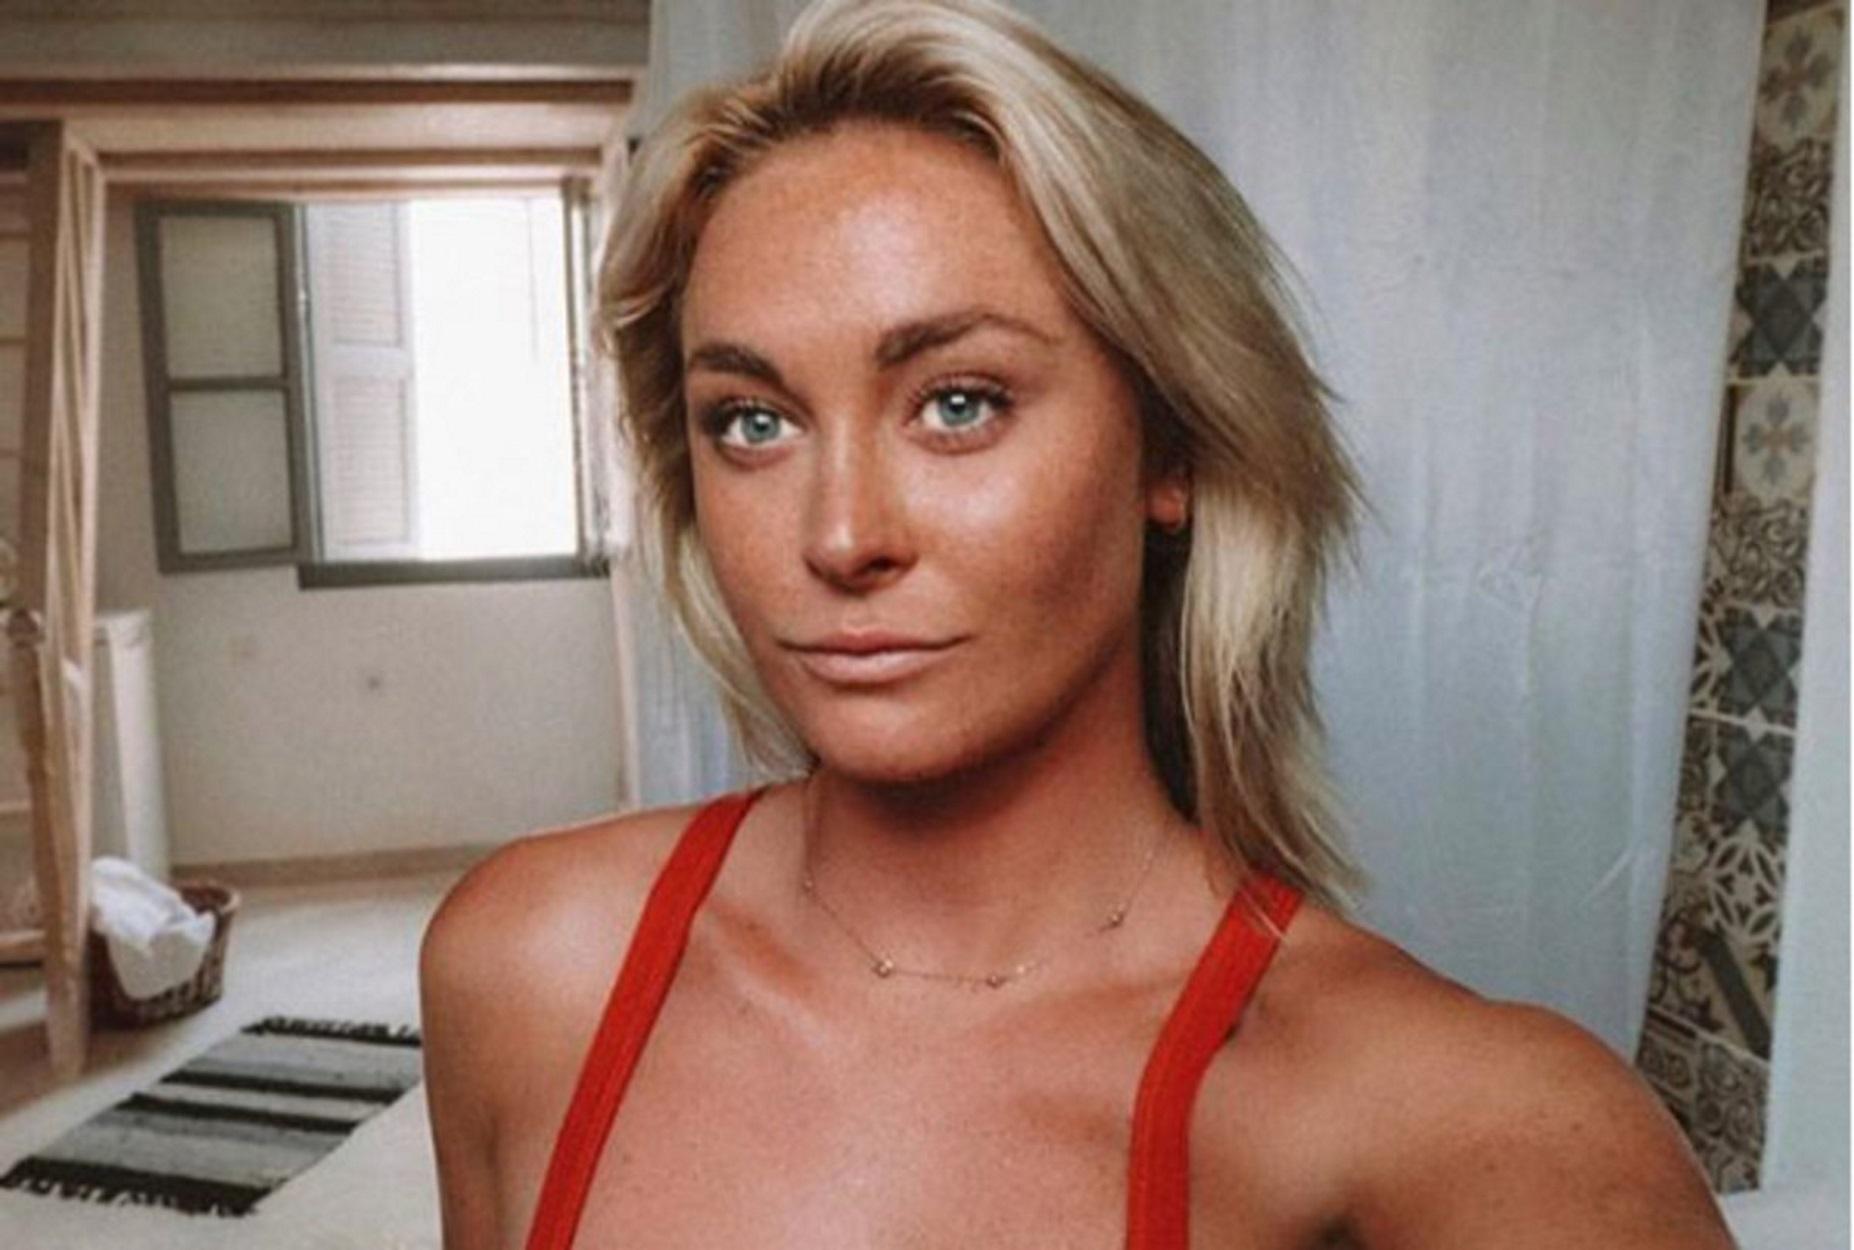 Κεφαλονιά: Νέα τροπή στο θρίλερ της  20χρονης Αυστραλέζας καλλονής που αυτοκτόνησε σε γιοτ (pics)